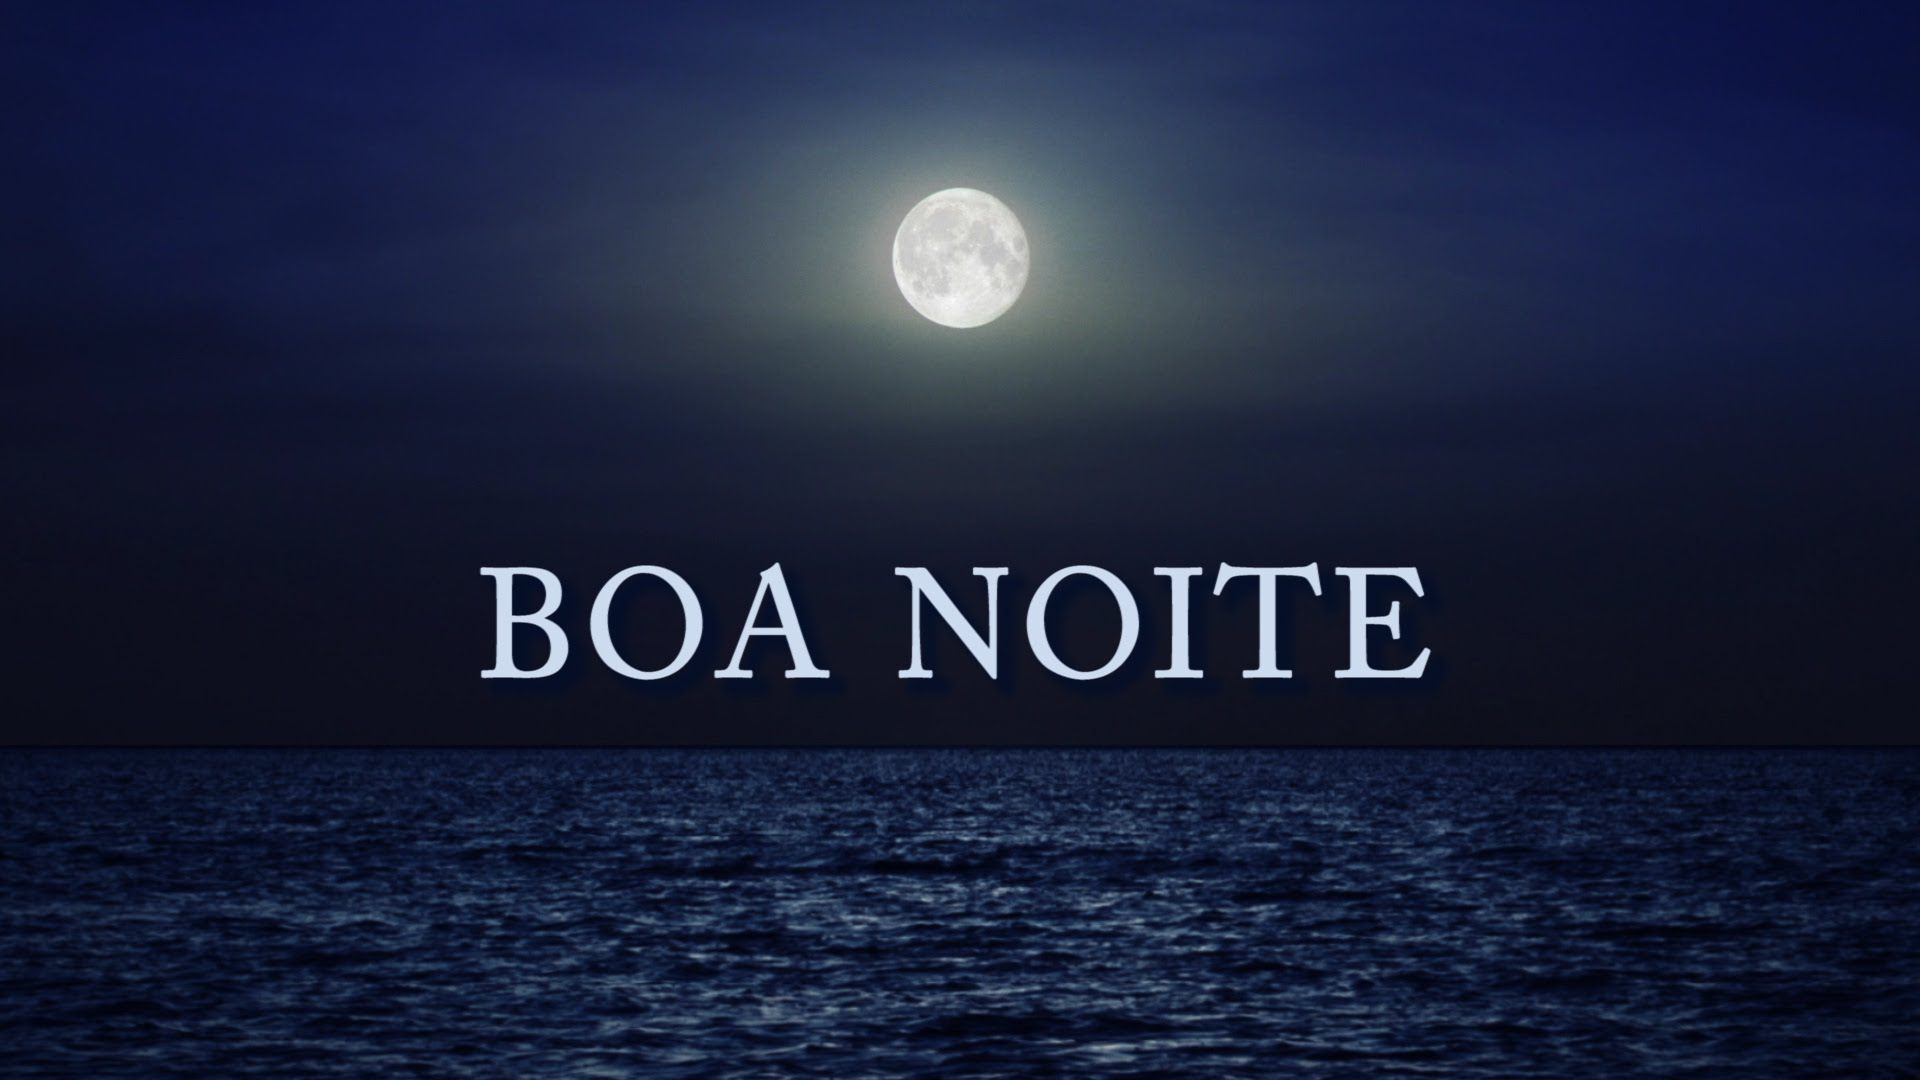 Imagens De Boa Noite: Mensagens E Frases De Boa Noite